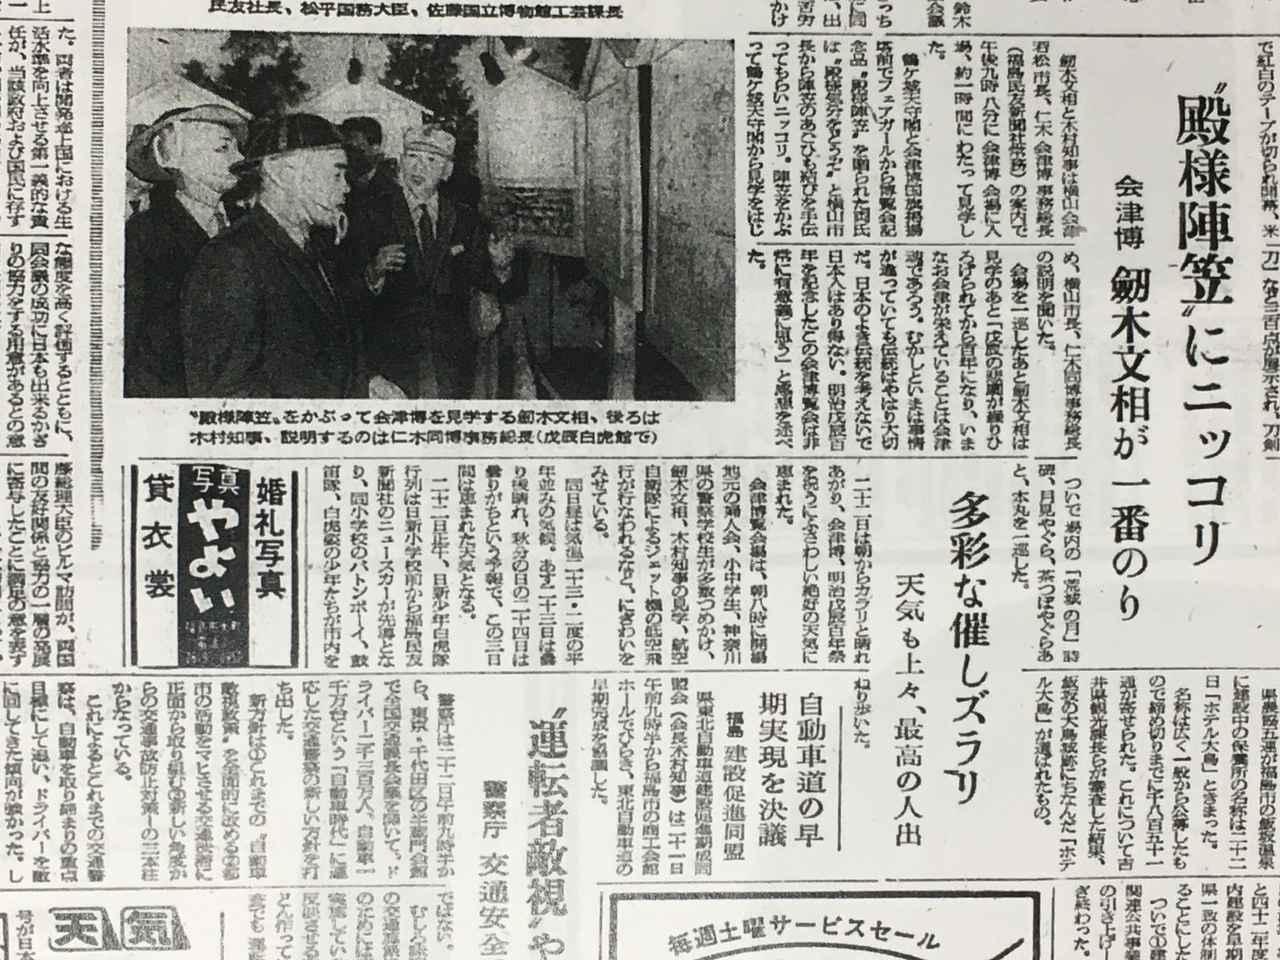 画像: 1967年6月22日付夕刊の福島民友に載る会津博の記事。「多彩な催しズラリ」の見出しの記事前半に「航空自衛隊によるジェット機の低空飛行」との文字が見える。この記述しか会津若松でのブルー飛行の痕跡は見つからない。